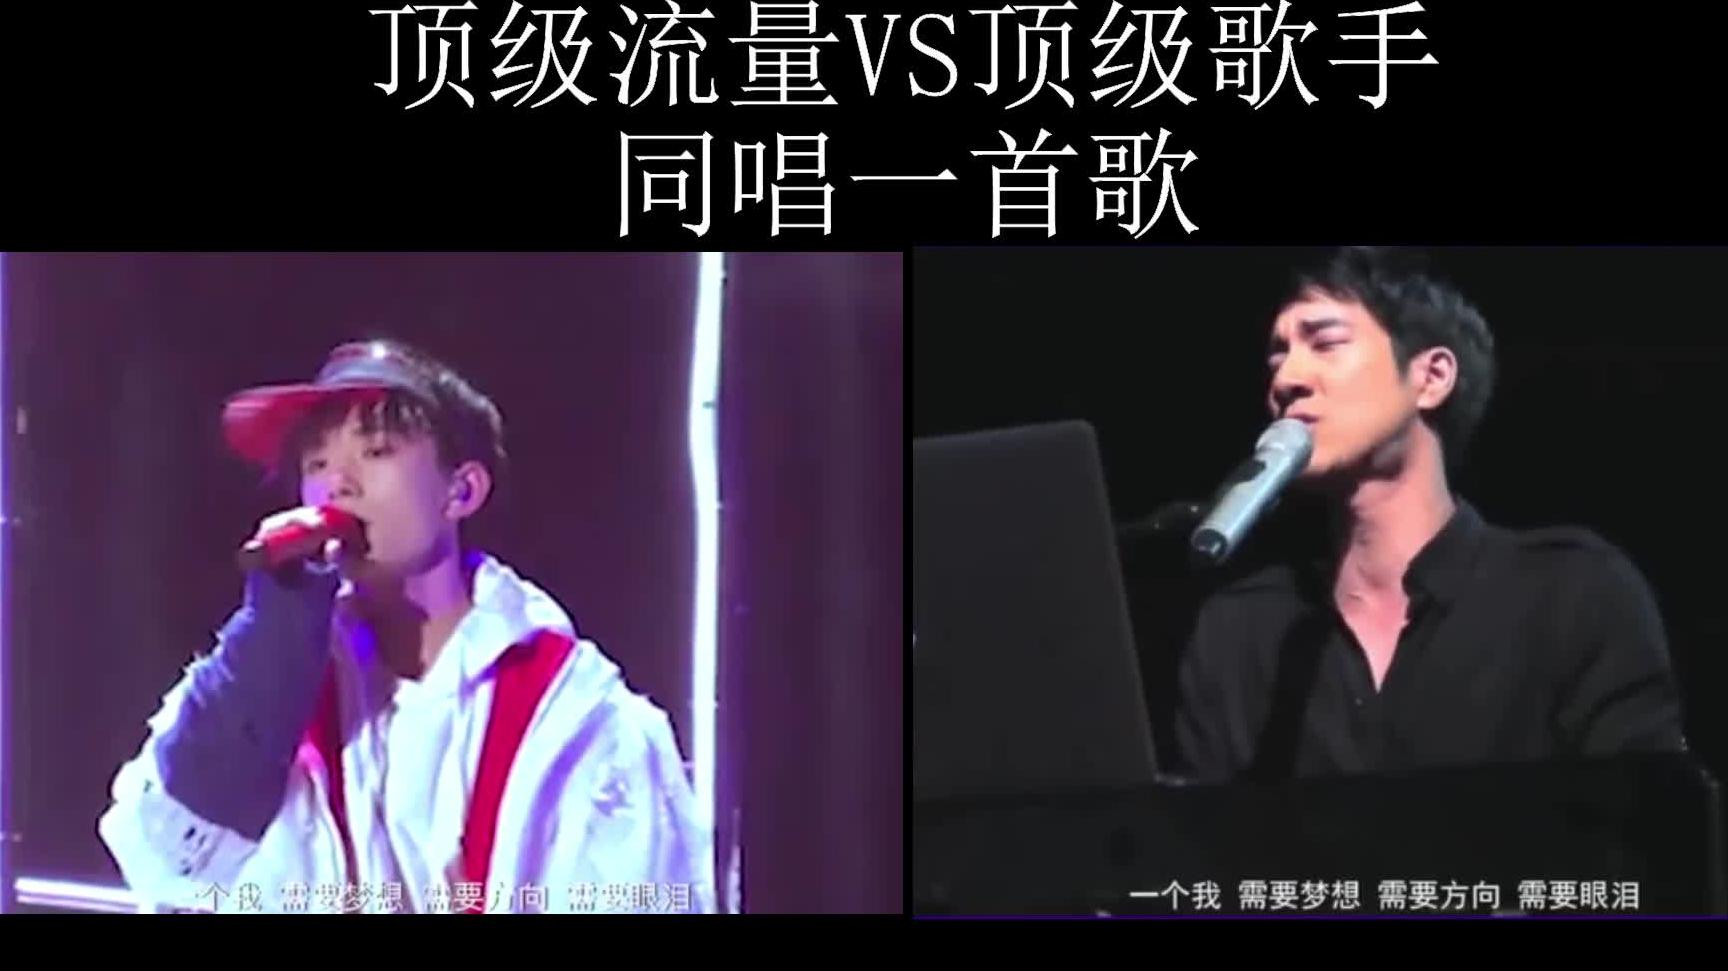 顶级流量 VS 顶级歌手 同唱一首歌